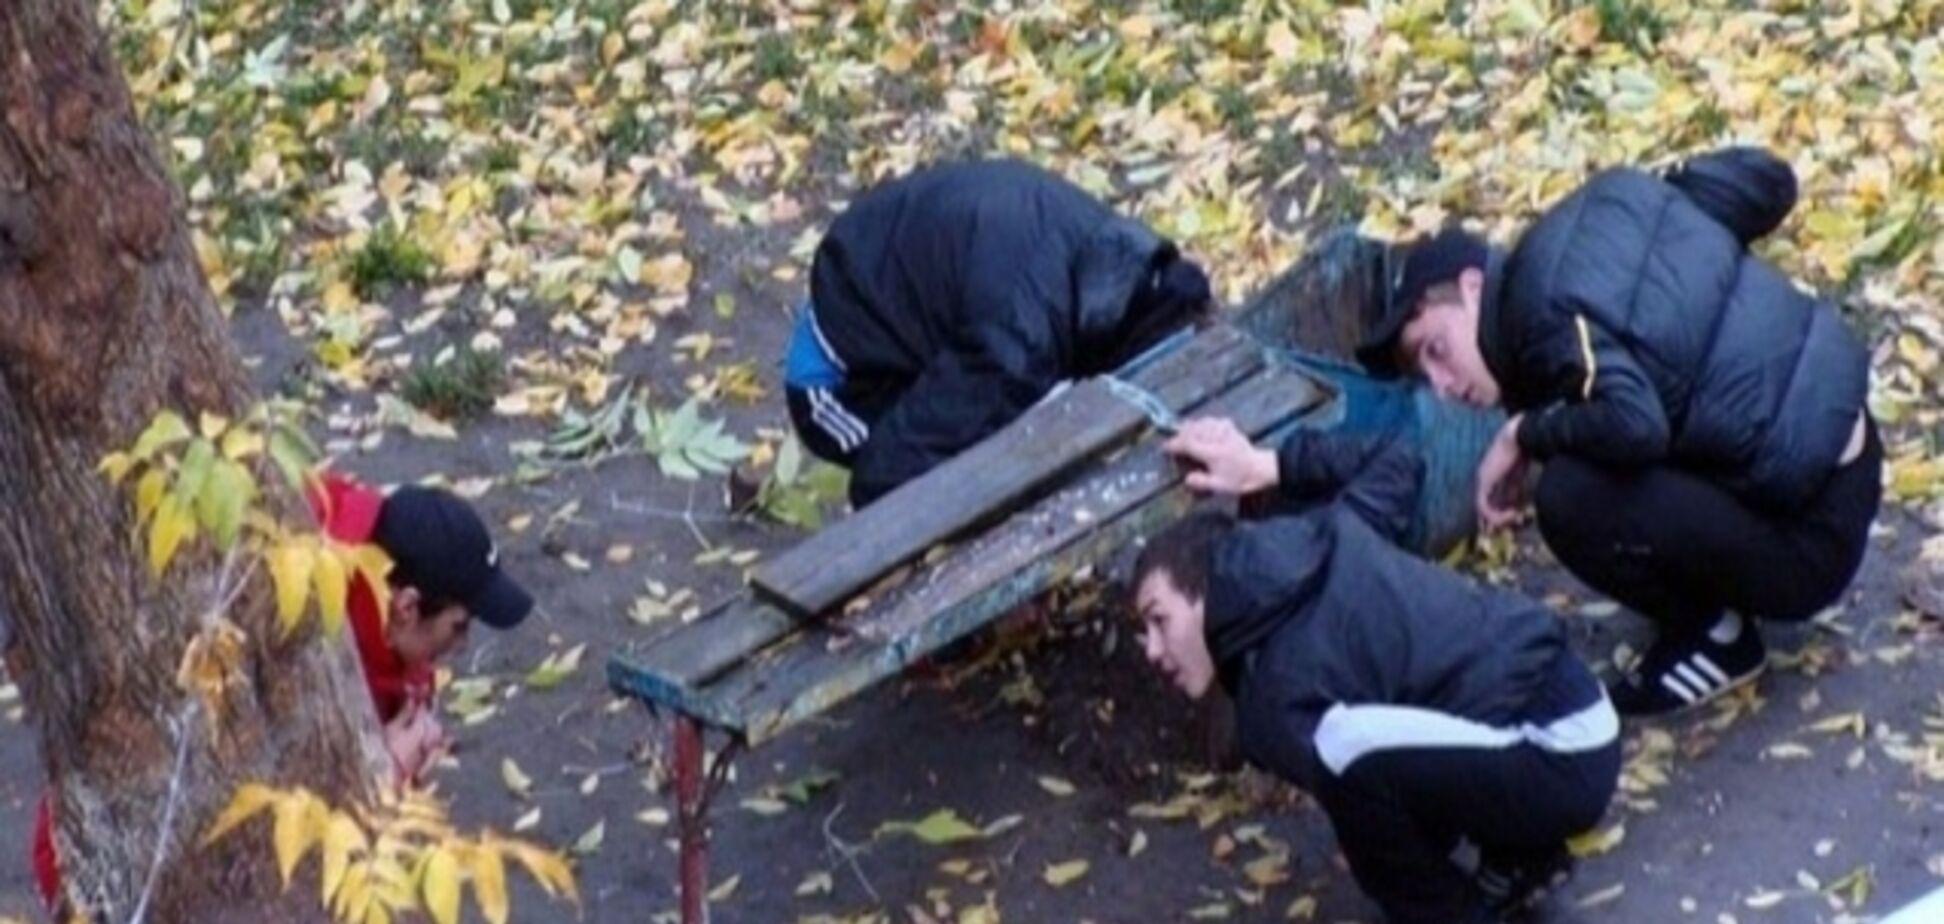 В наркокурьеры берут работать даже 15-летних школьников. Источник: kherson.net.ua